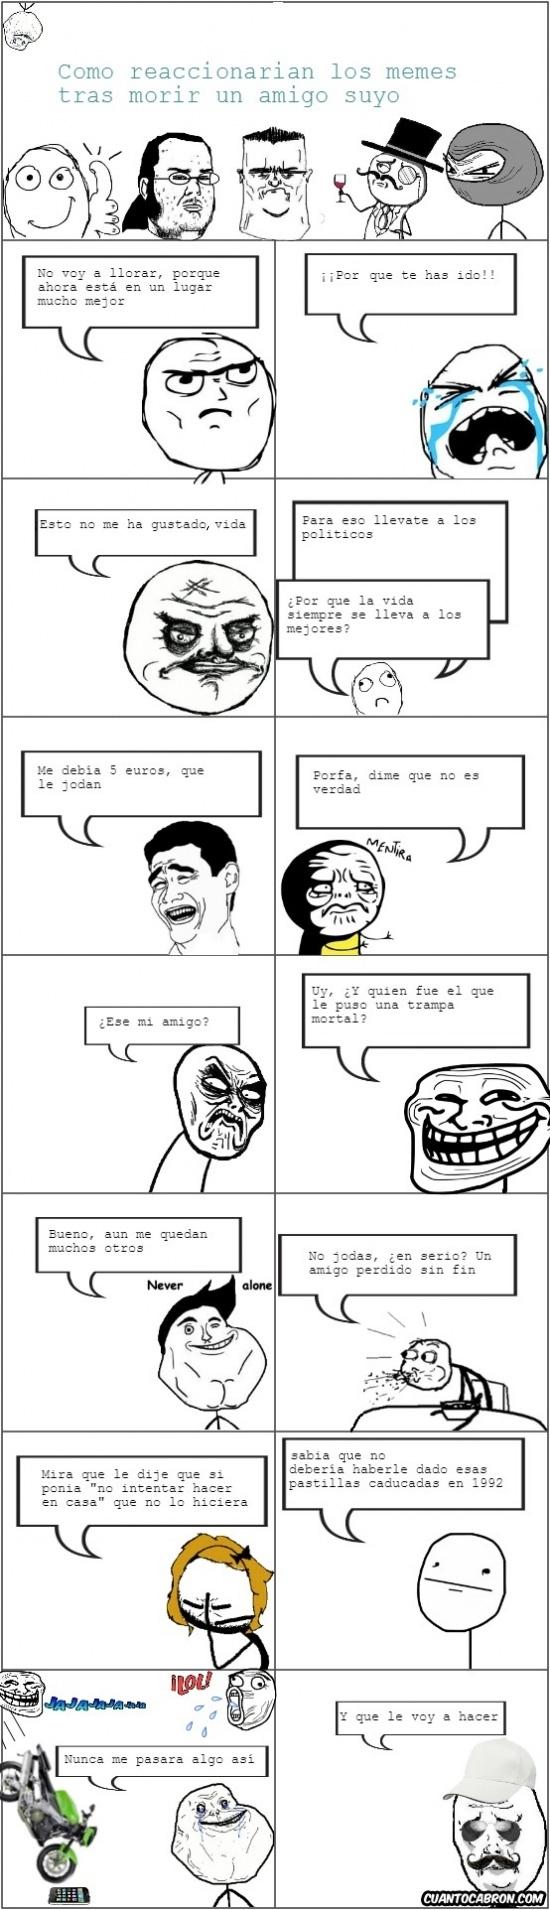 Mix - ¿Cómo reaccionarían algunos memes si se muriese un amigo suyo?